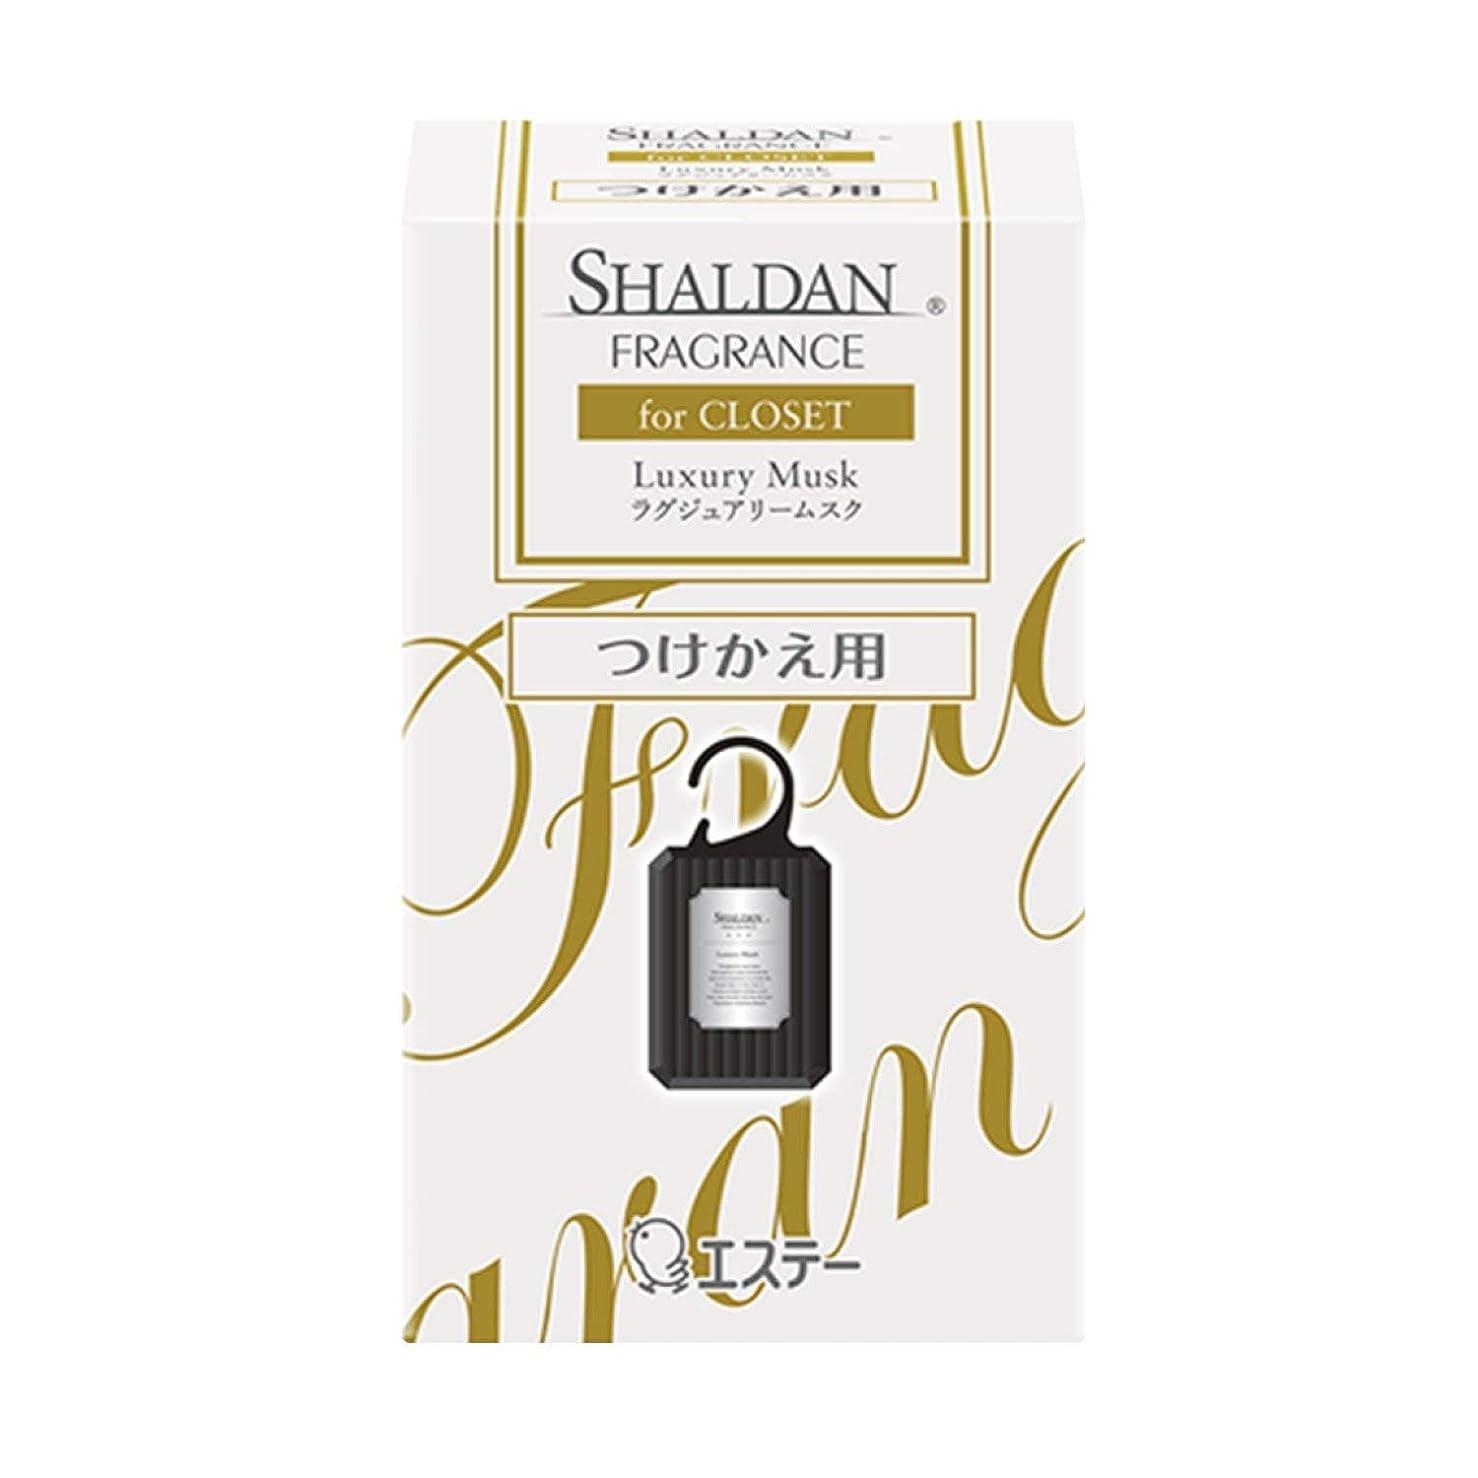 満たす肉腫動的シャルダン SHALDAN フレグランス for CLOSET 芳香剤 クローゼット用 つけかえ ラグジュアリームスク 30g